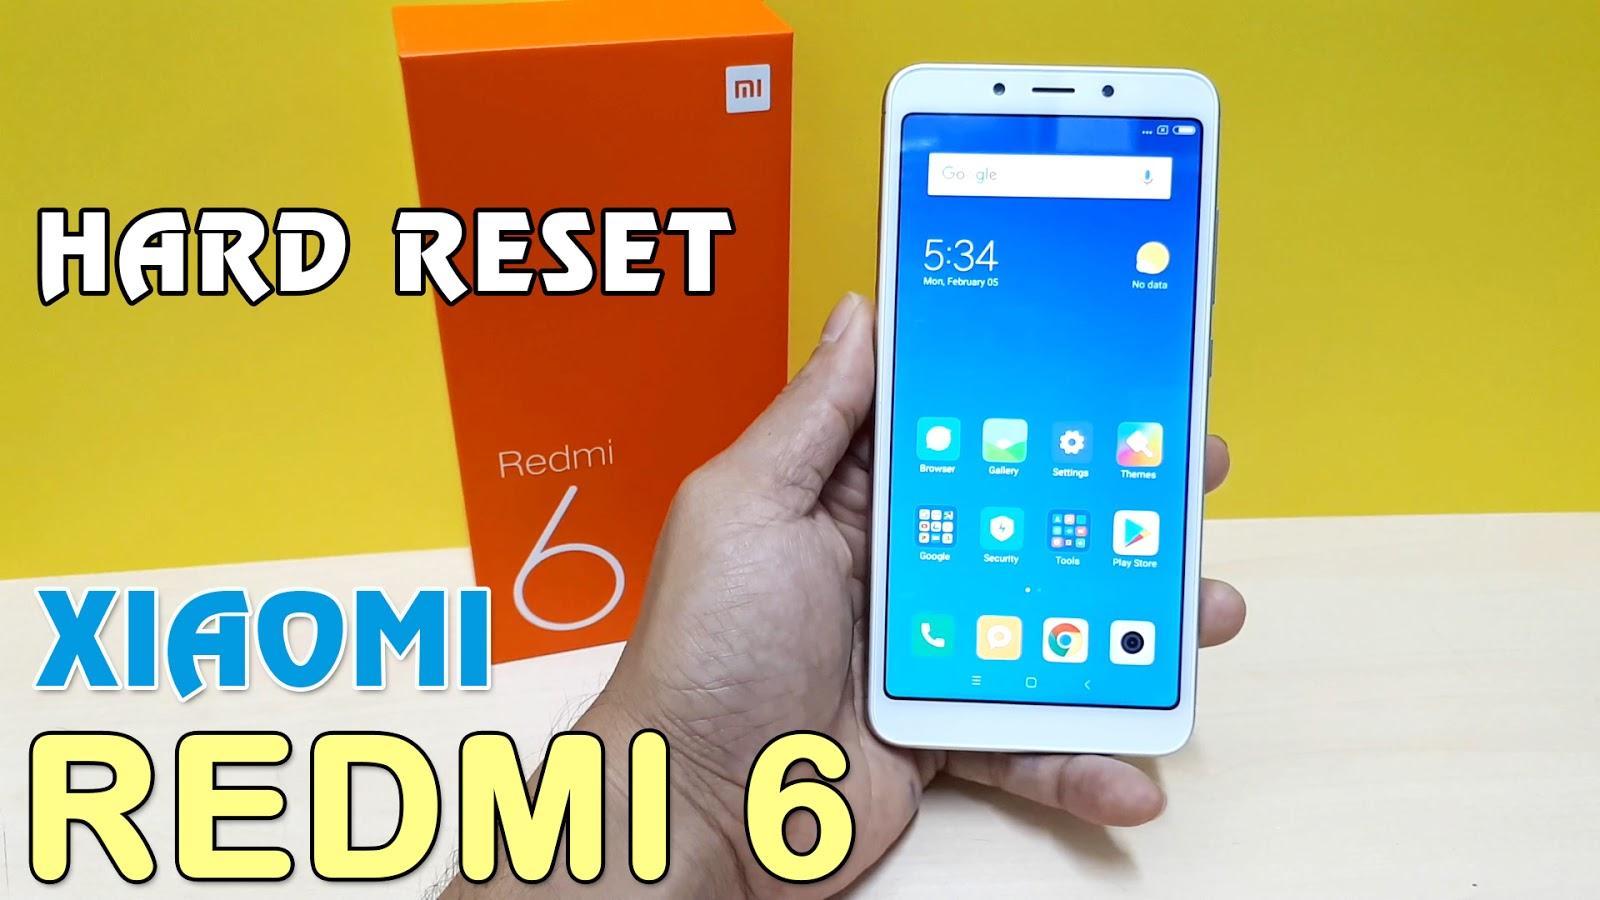 Hướng dẫn Hard Reset điện thoại XiaoMi Redmi 6